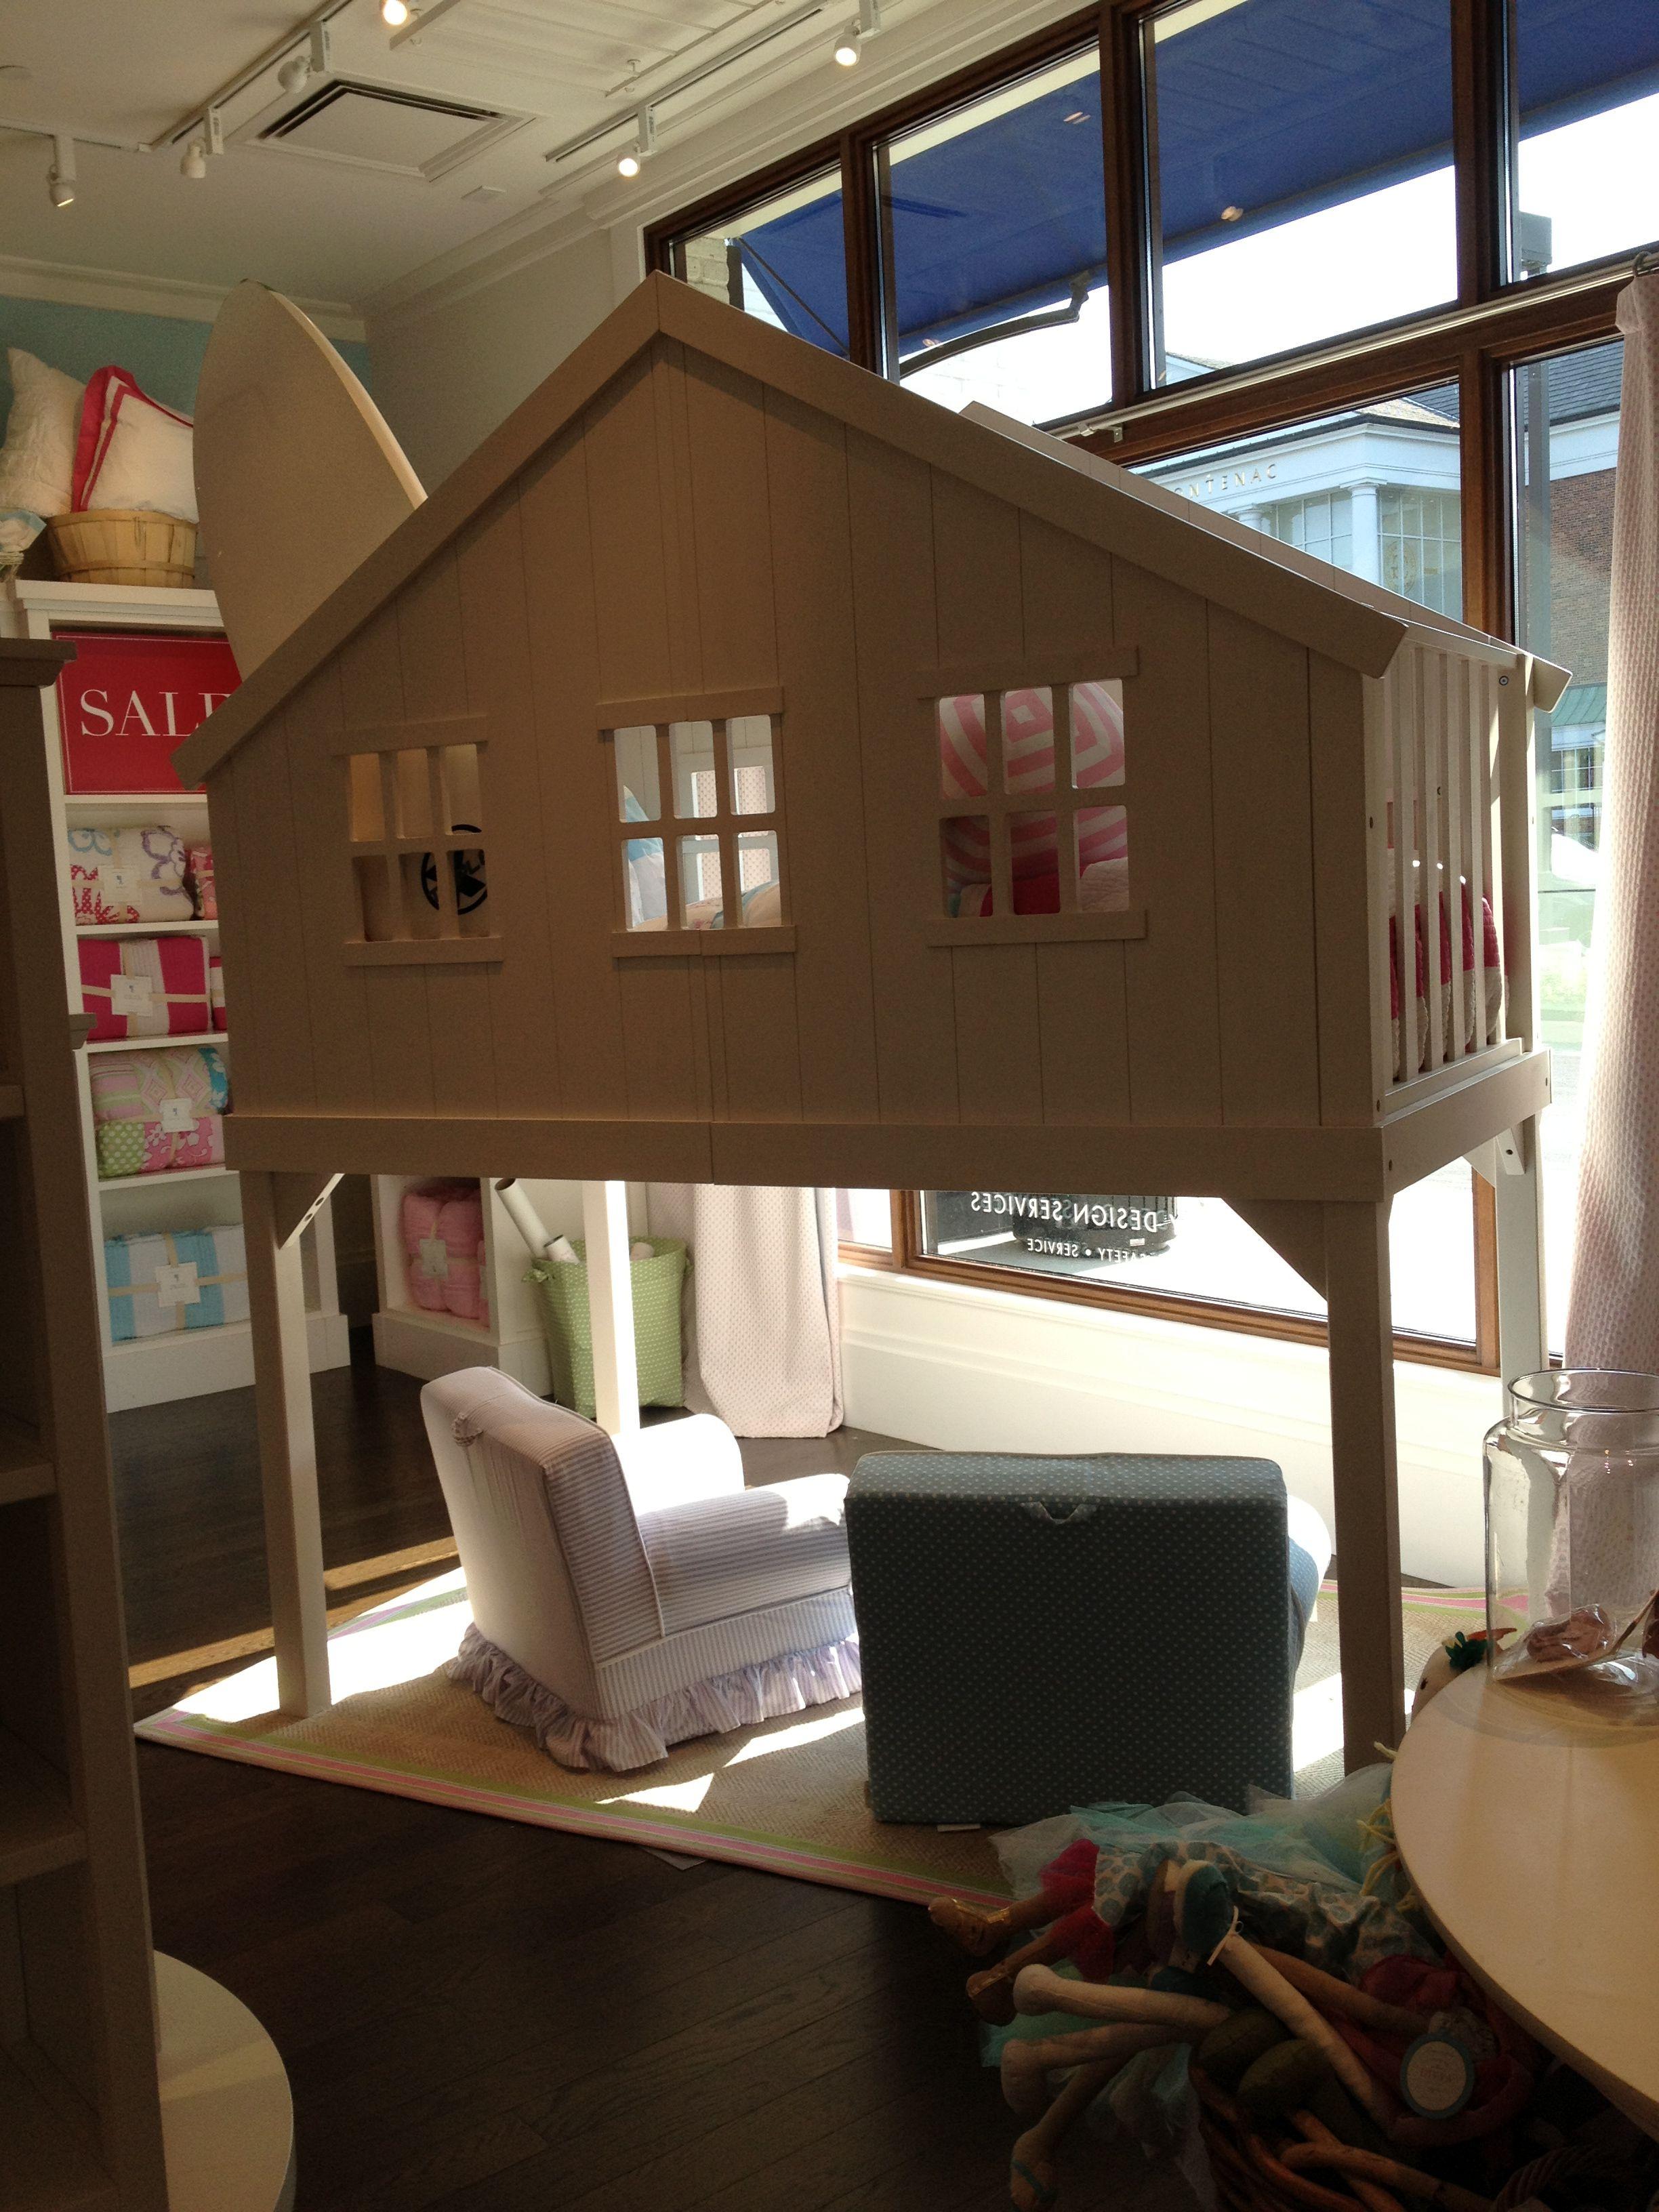 Pottery Barn White Tree House Loft Bed Loft Room Tiny House